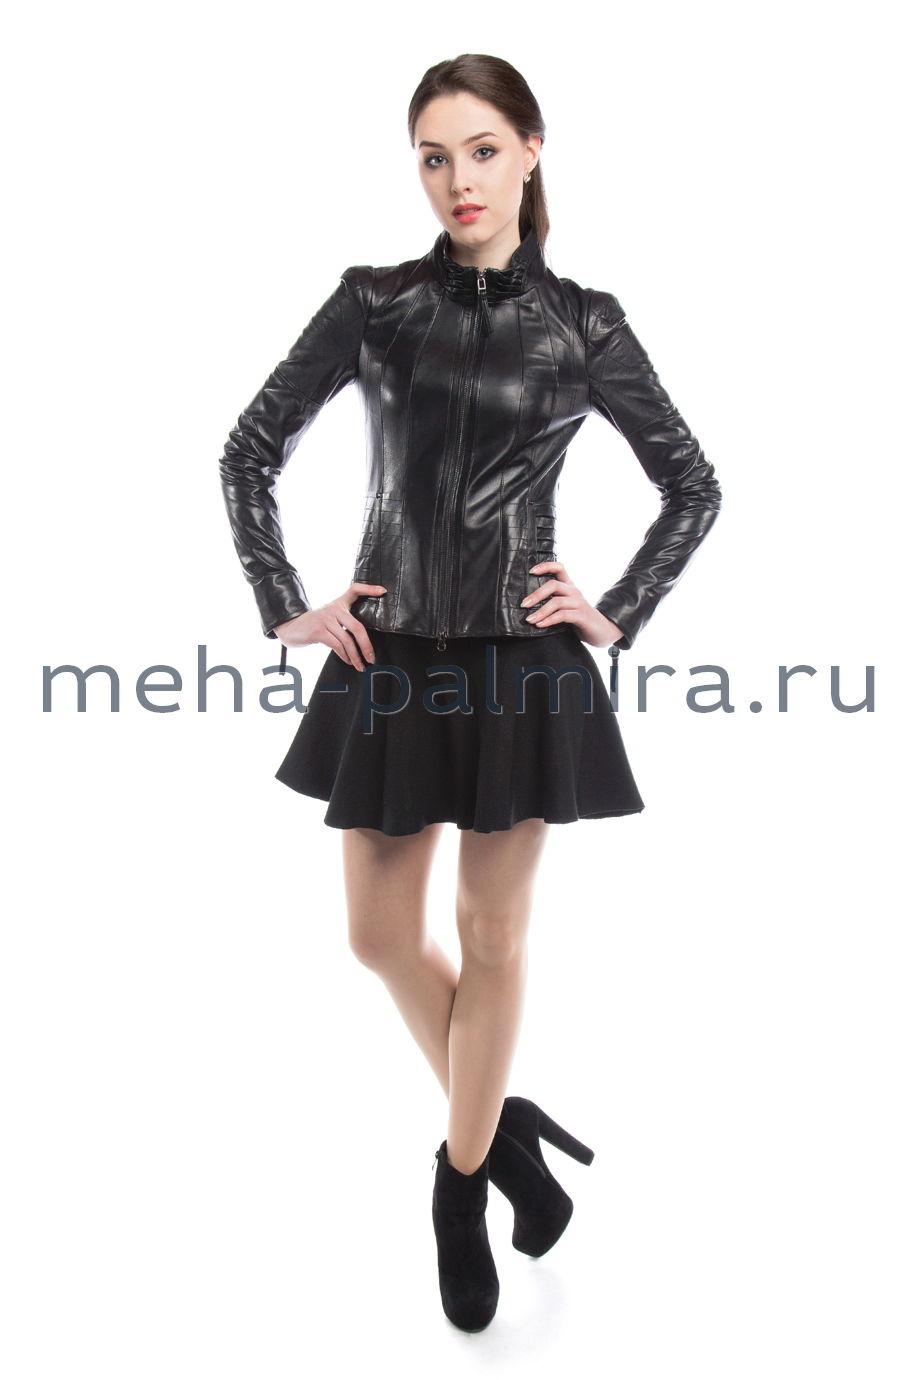 Кожаная куртка стойка, на молнии, черная